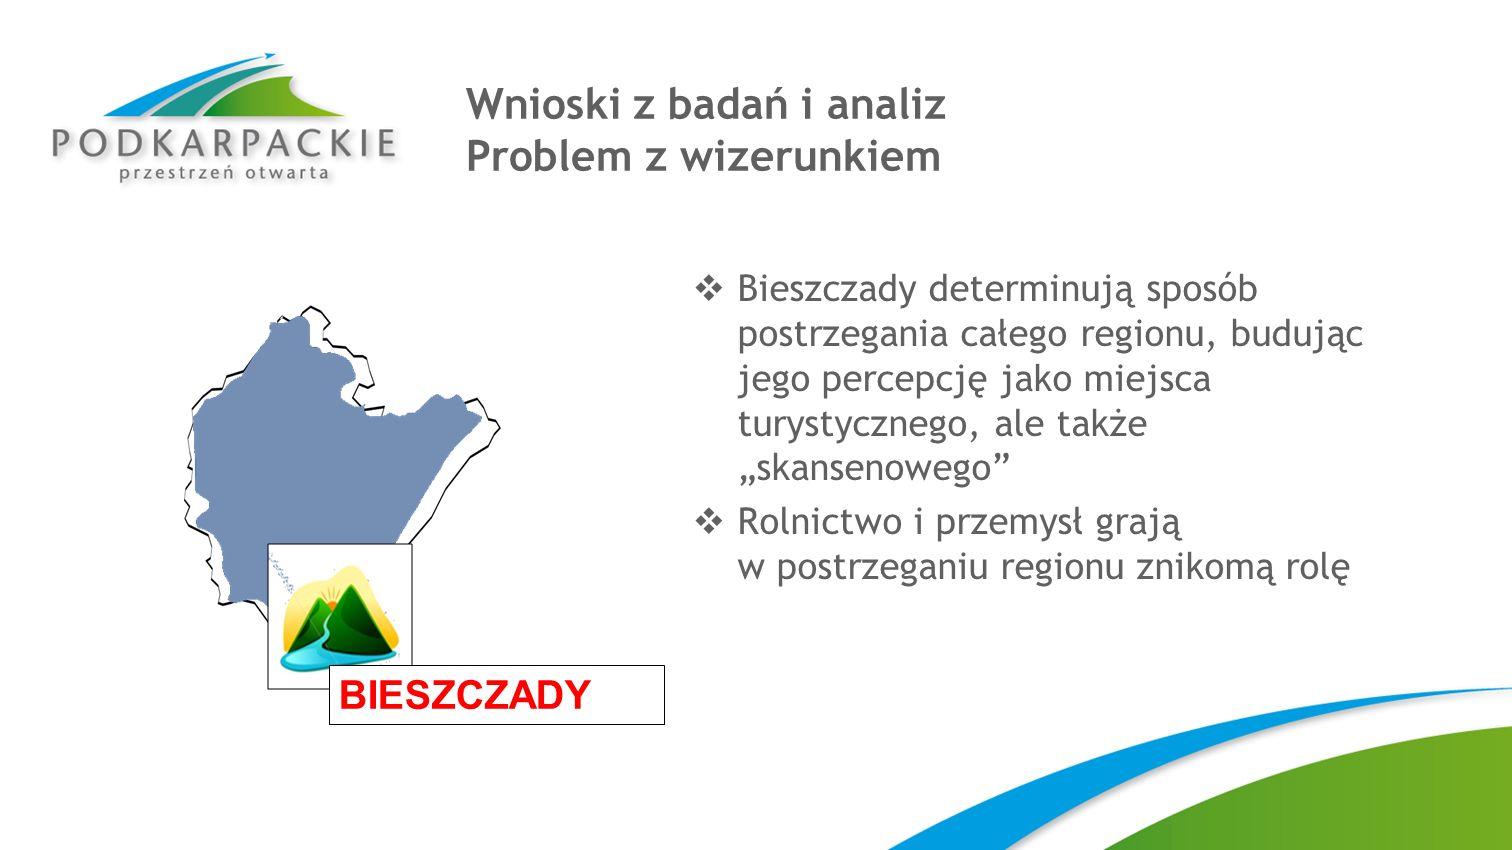 UEFA EURO 2012 w promocji regionu Informator dla kibiców Informacja on – line Materiały w Ryanair Oferta targowa